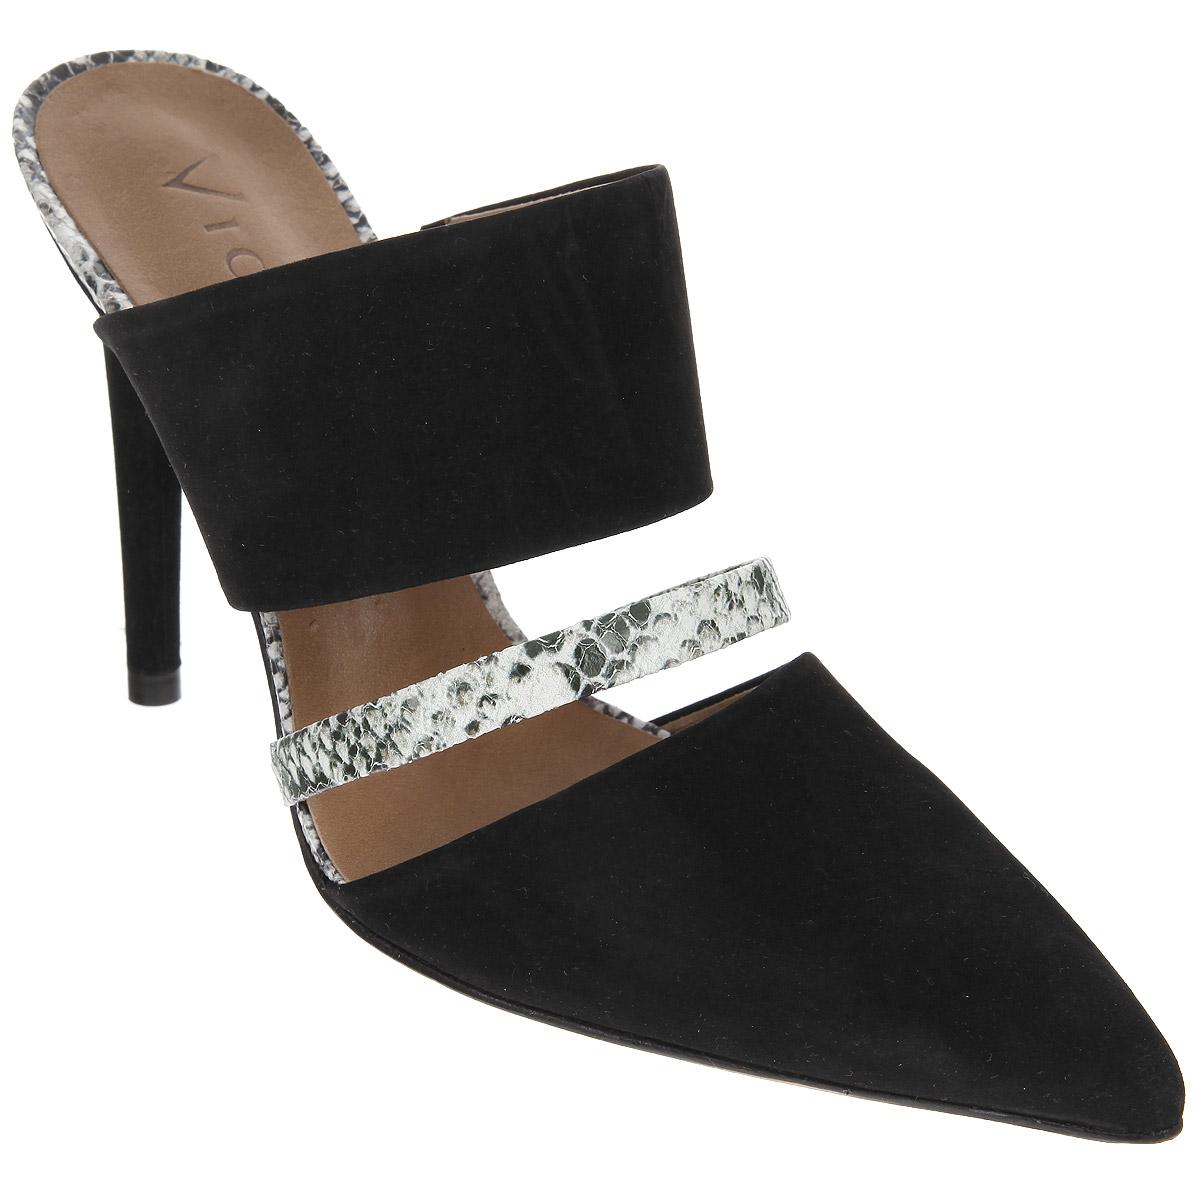 6433171Элегантные сабо от Vicenza займут достойное место среди вашей коллекции обуви. Модель выполнена из натурального нубука со вставками из натуральной кожи и декорирована оригинальными вырезами у основания подъема. Поперечный ремешок и верхняя часть подошвы оформлены принтом под змеиную кожу. Заостренный вытянутый носок смотрится невероятно женственно. Стелька из натуральной кожи комфортна при ходьбе. Ультравысокий каблук подчеркнет красоту и стройность ваших ног. Стильные сабо внесут изысканные нотки в ваш модный образ!